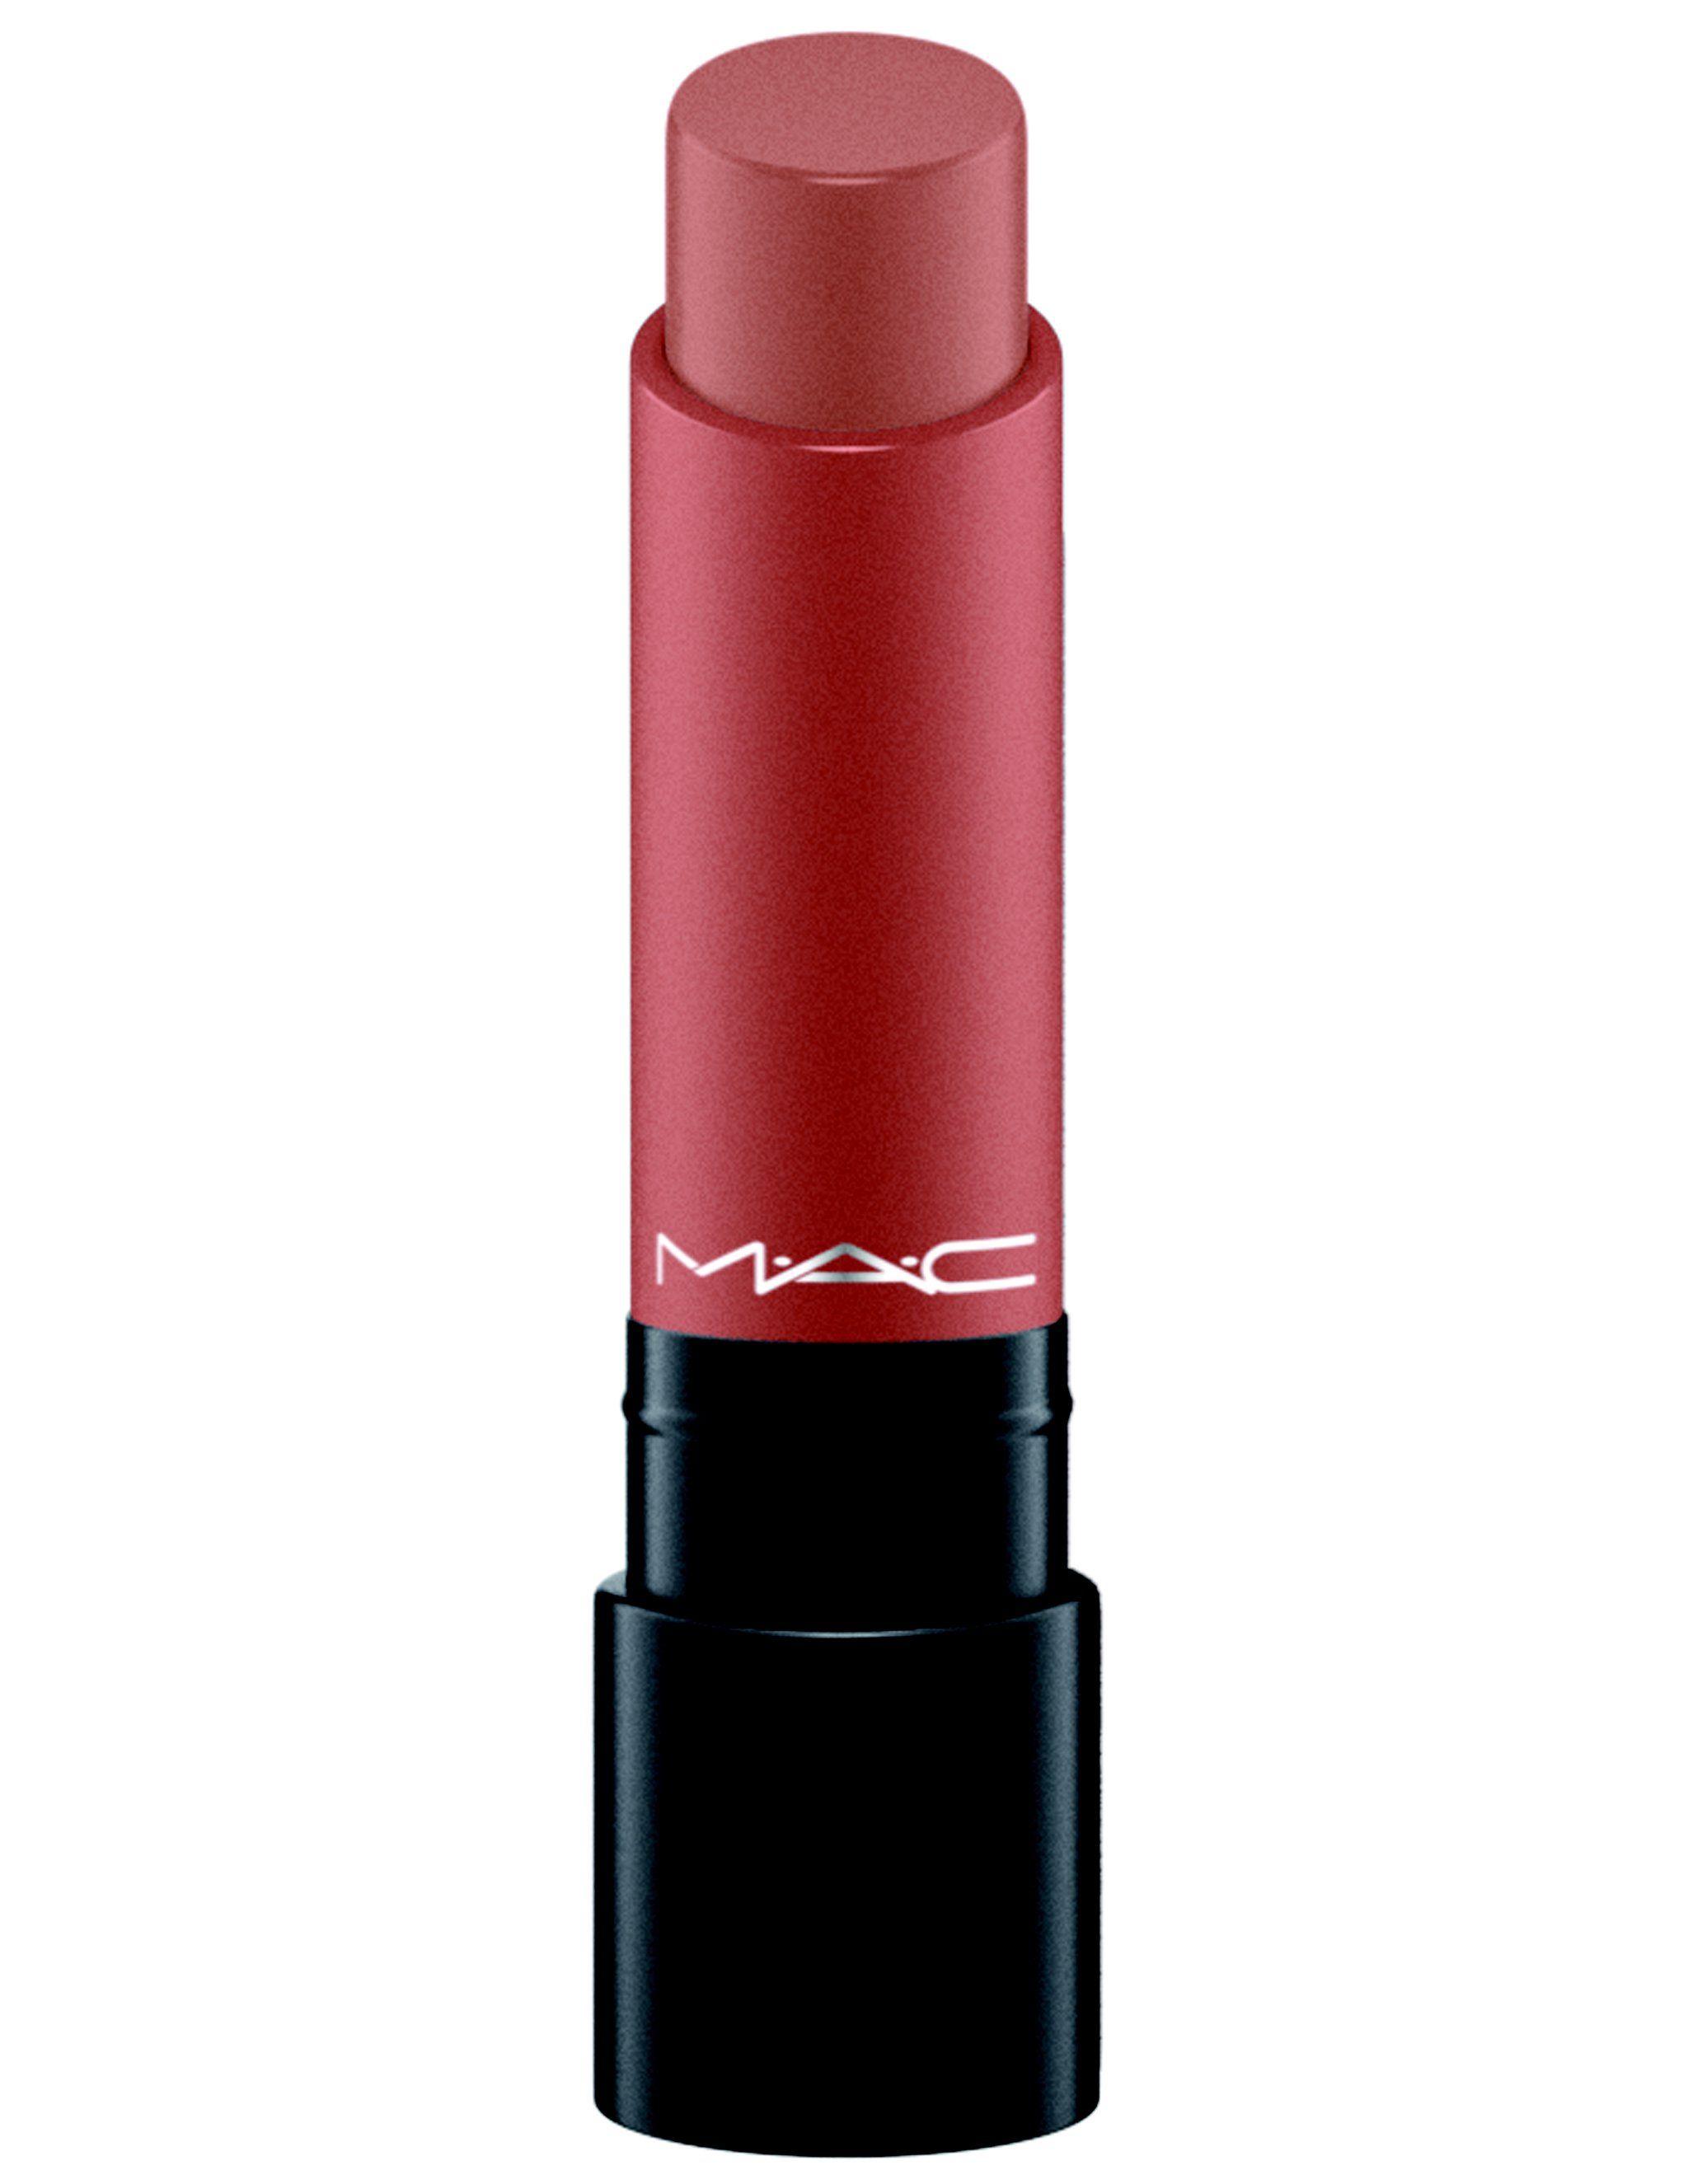 MAC Cosmetics Liptensity Lipstick in Doe Mac liptensity